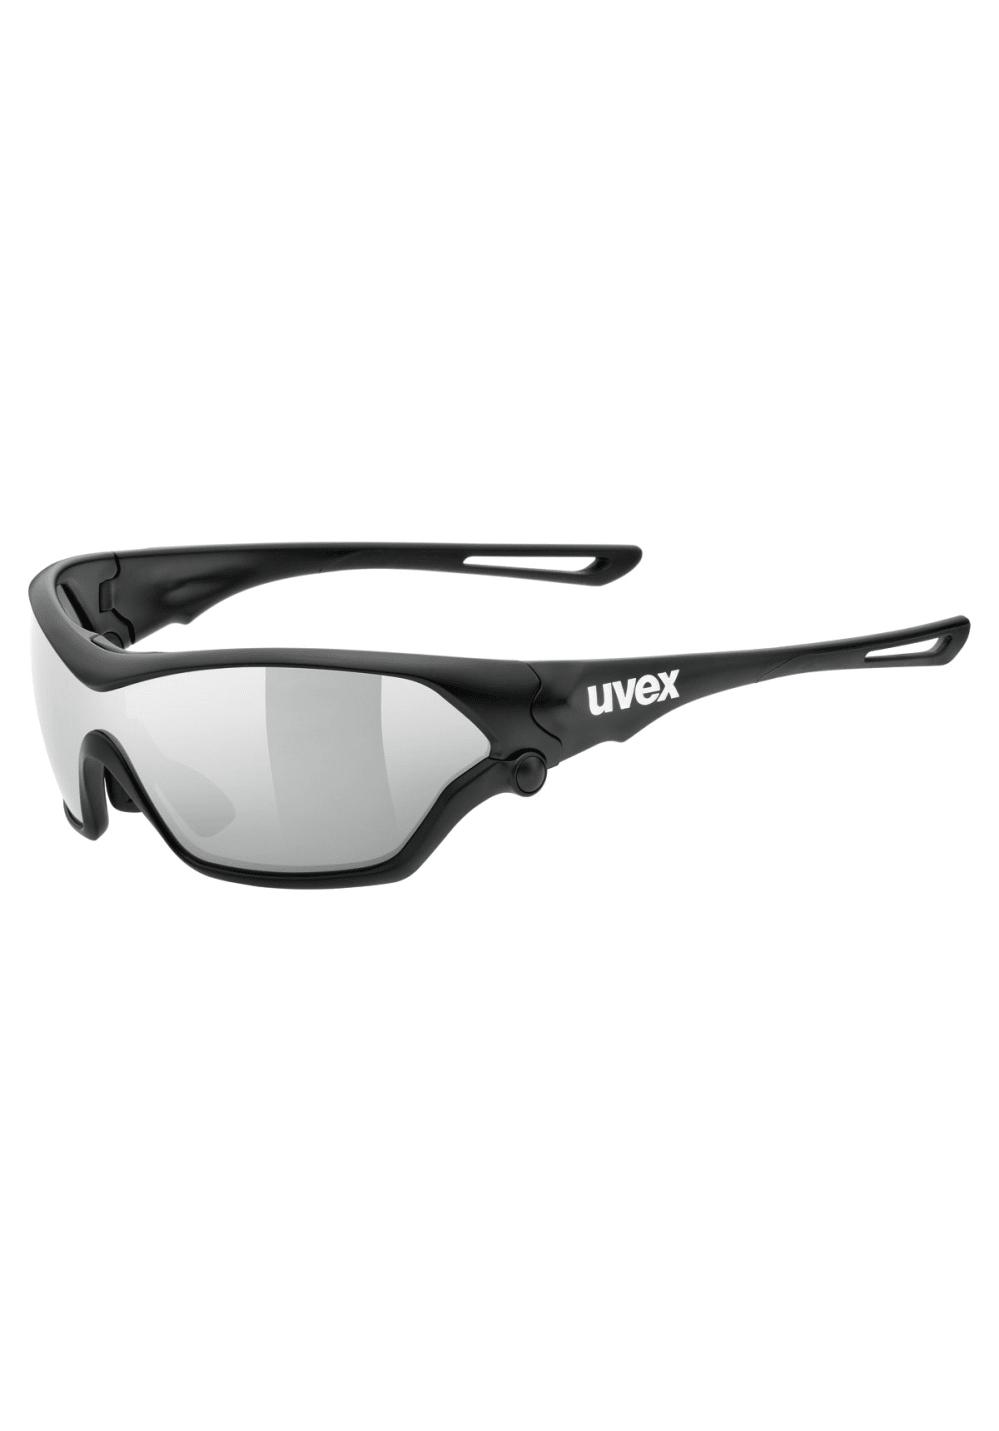 Uvex Sportstyle 705 Sportbrillen - Schwarz, Gr. One Size